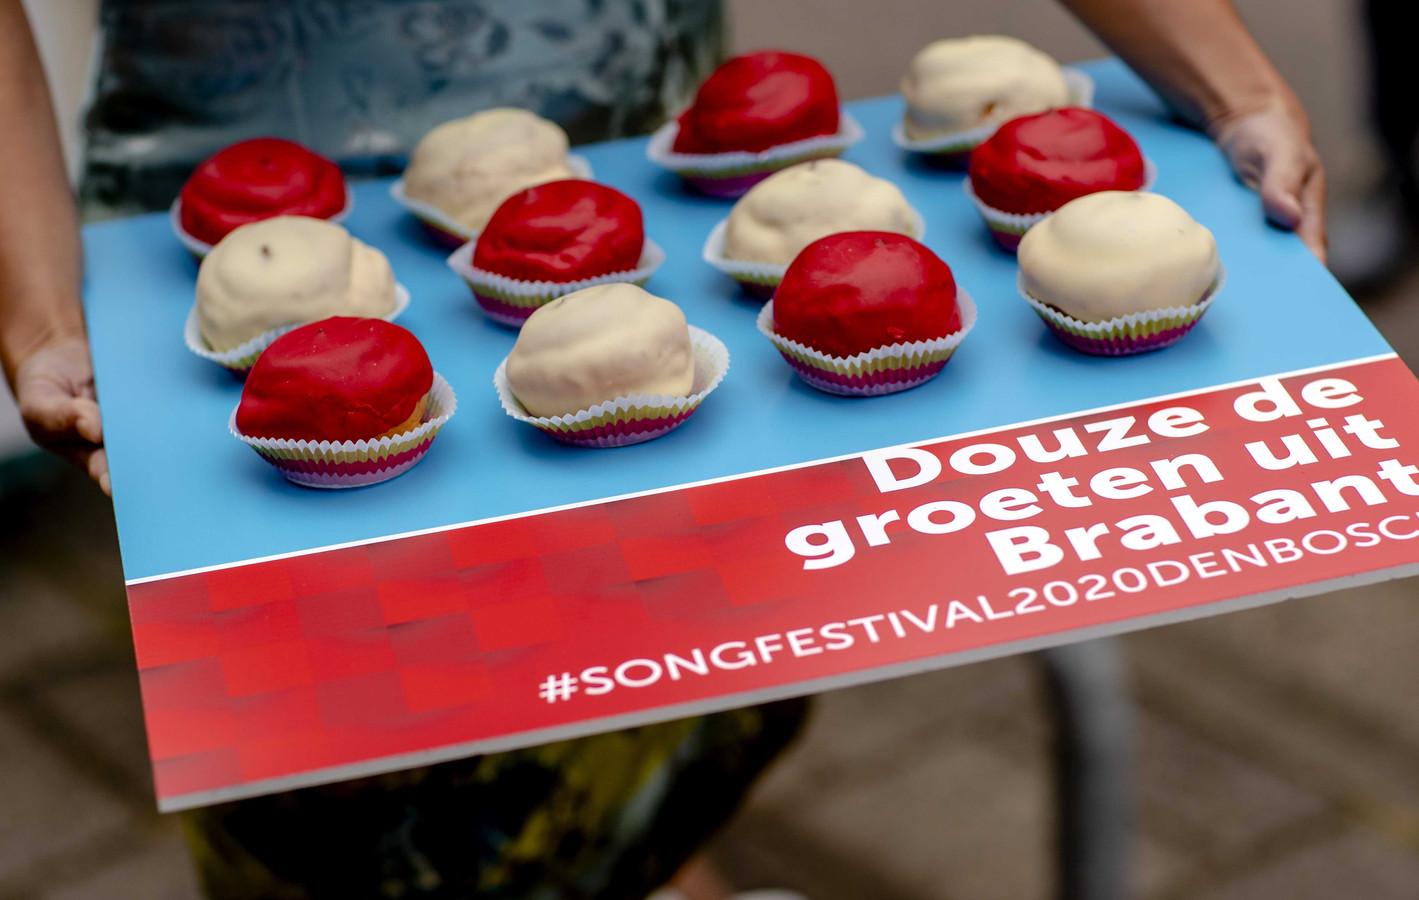 Bossche bollen namens de gemeente Den Bosch.